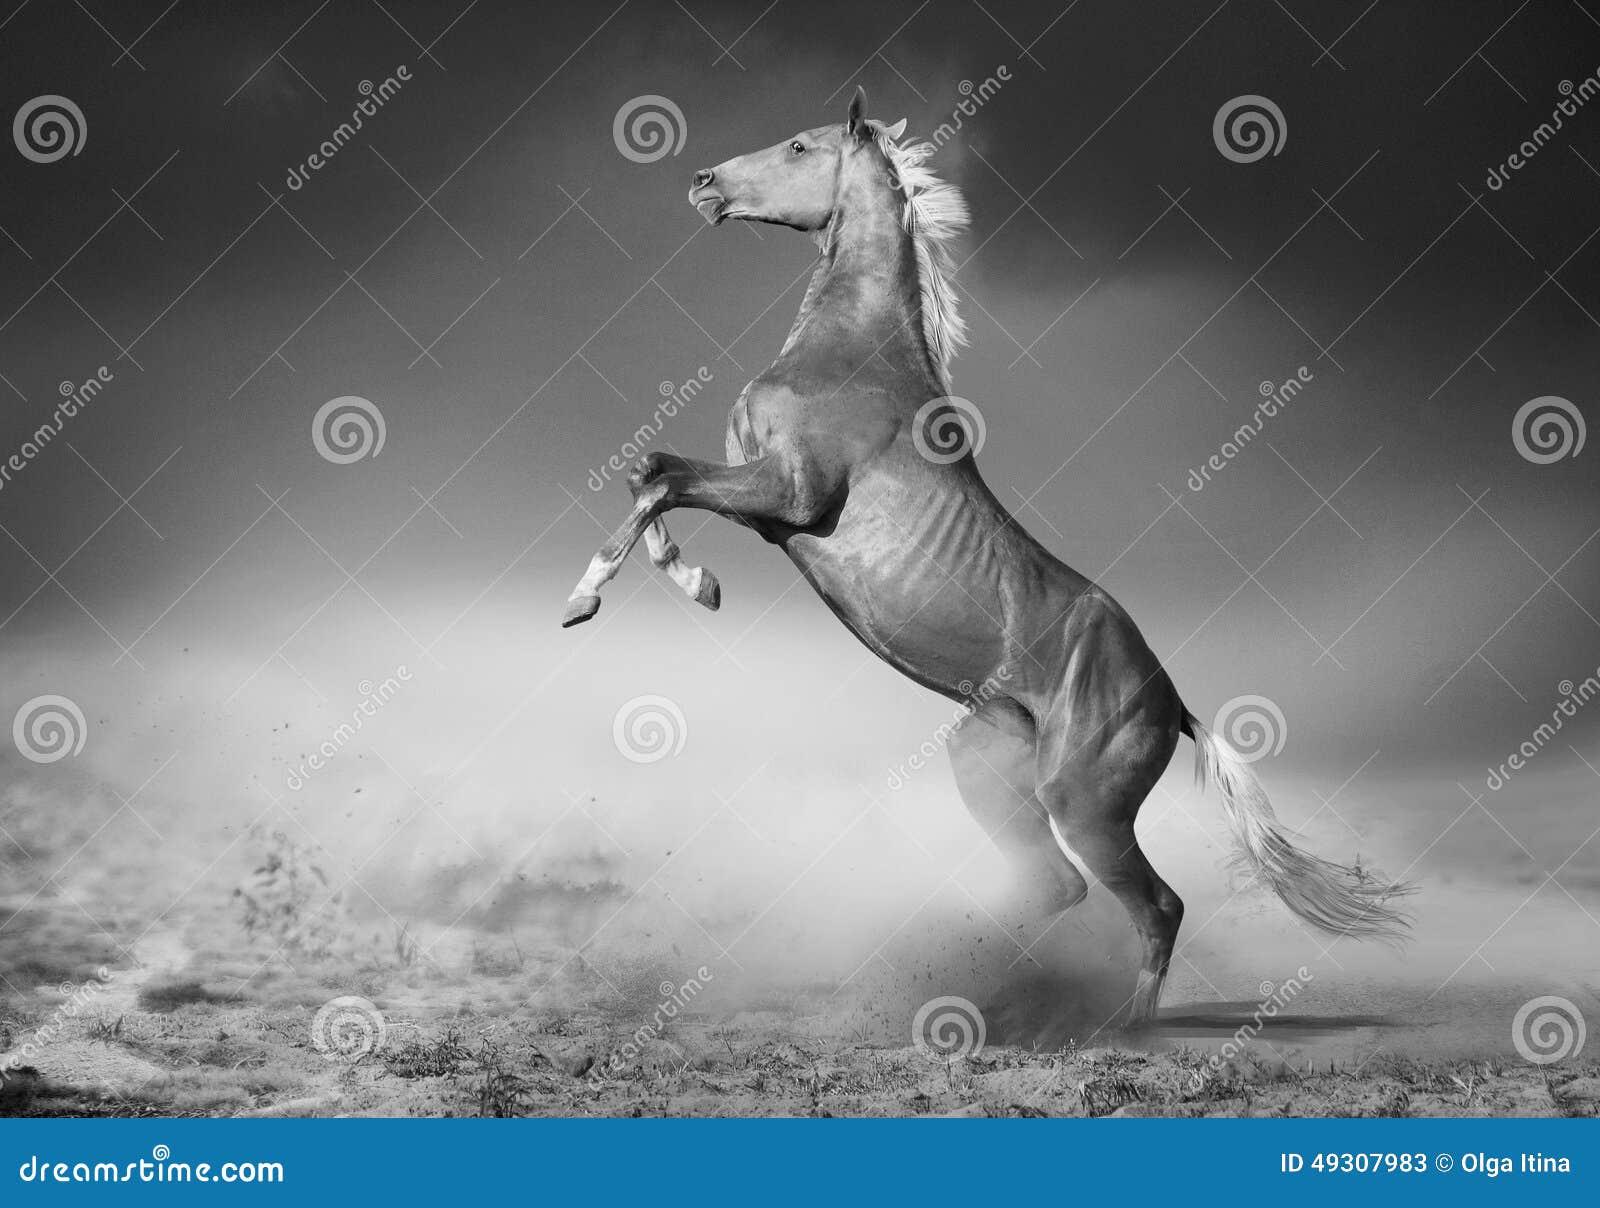 Akhal-teke horse rears in desert